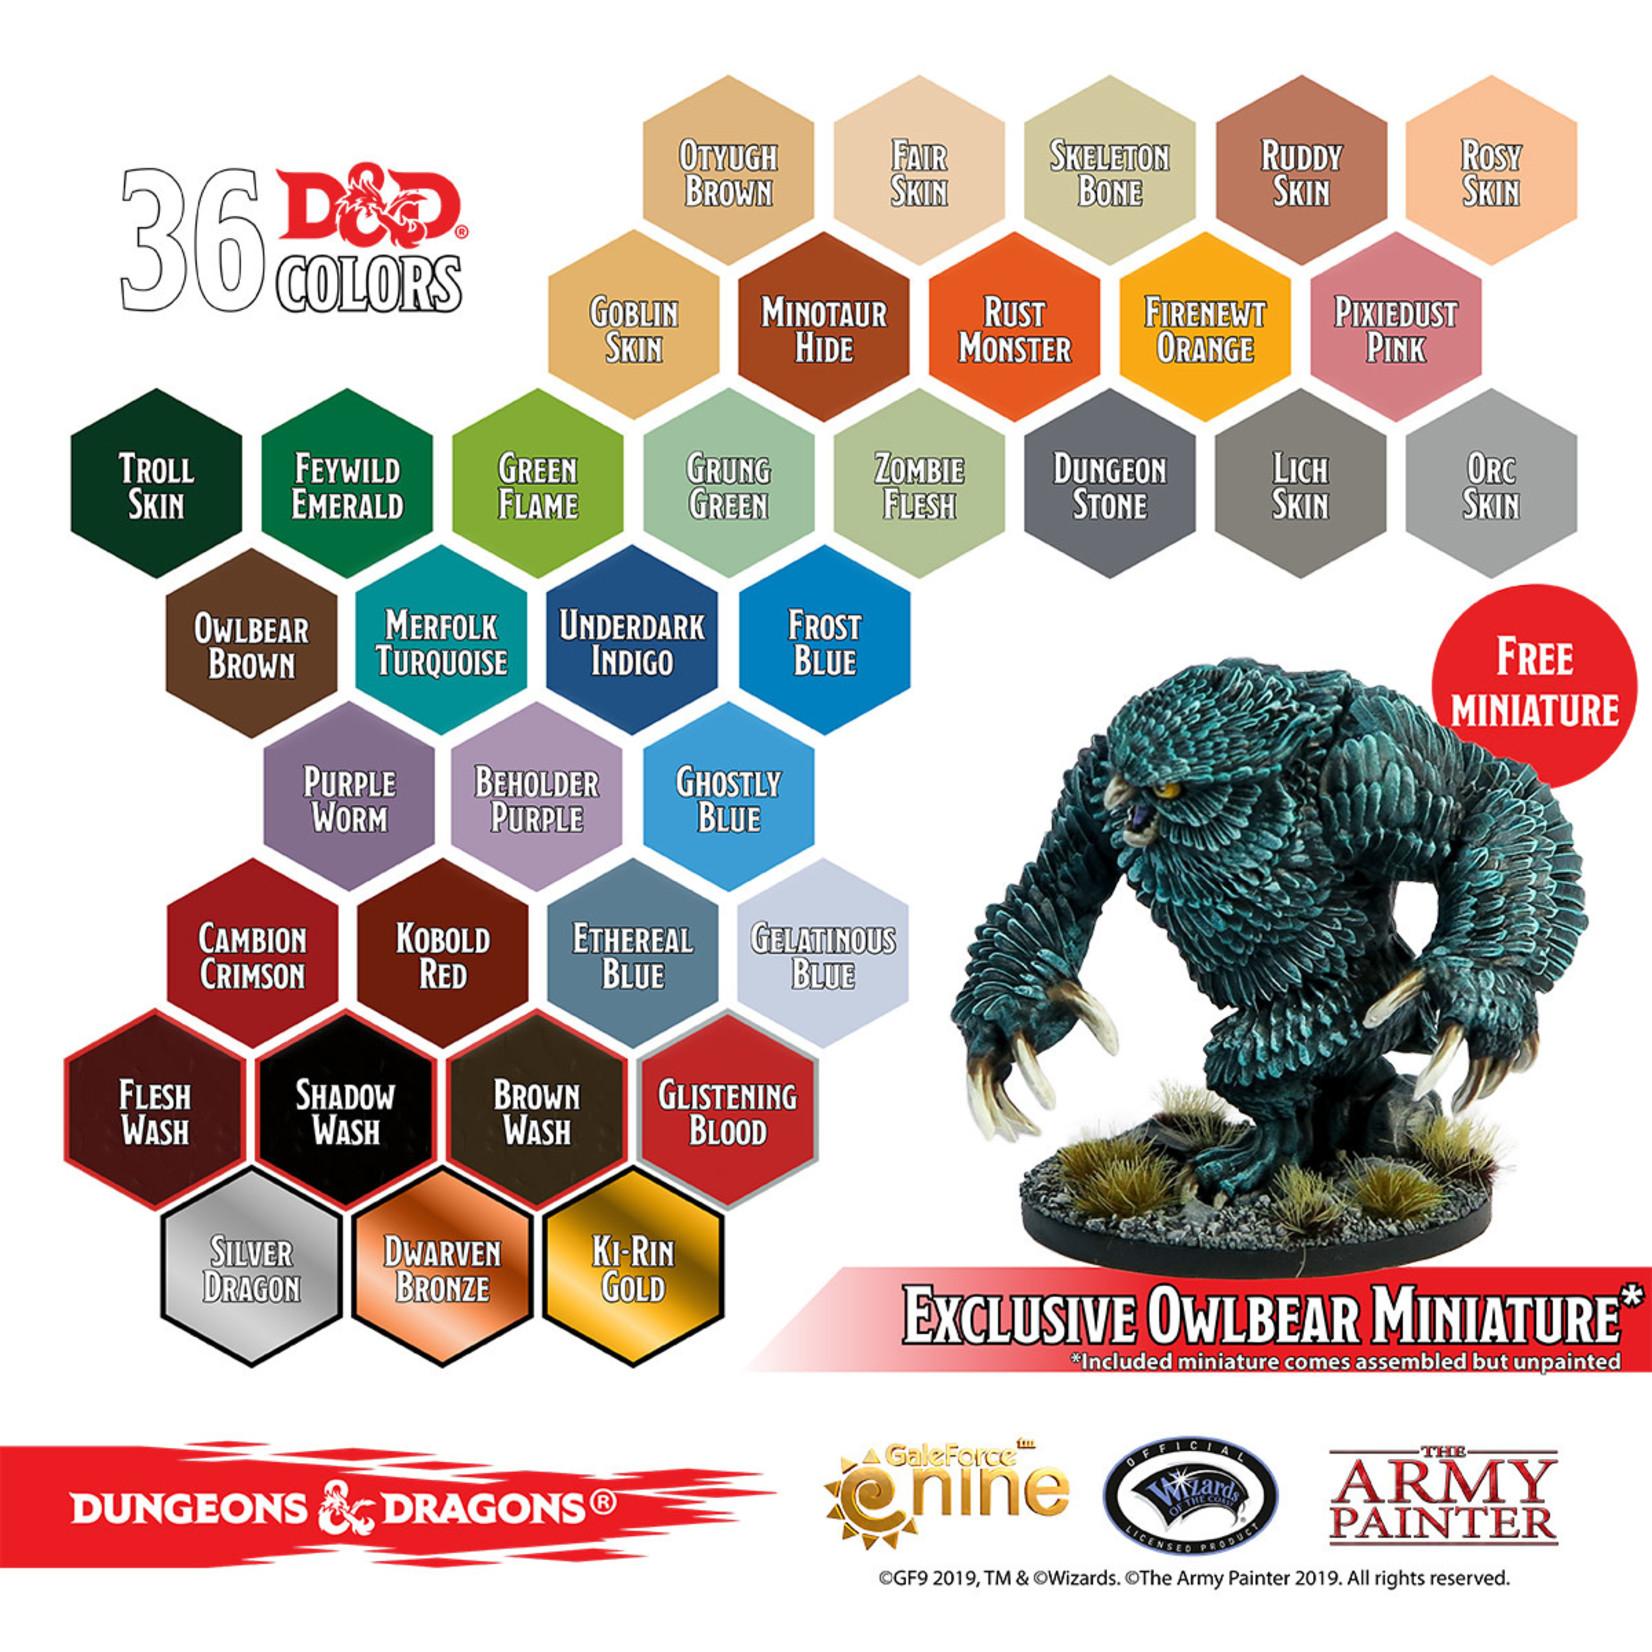 The Army Painter D&D Nolzur's Marvelous Pigments: Monsters Paint Set